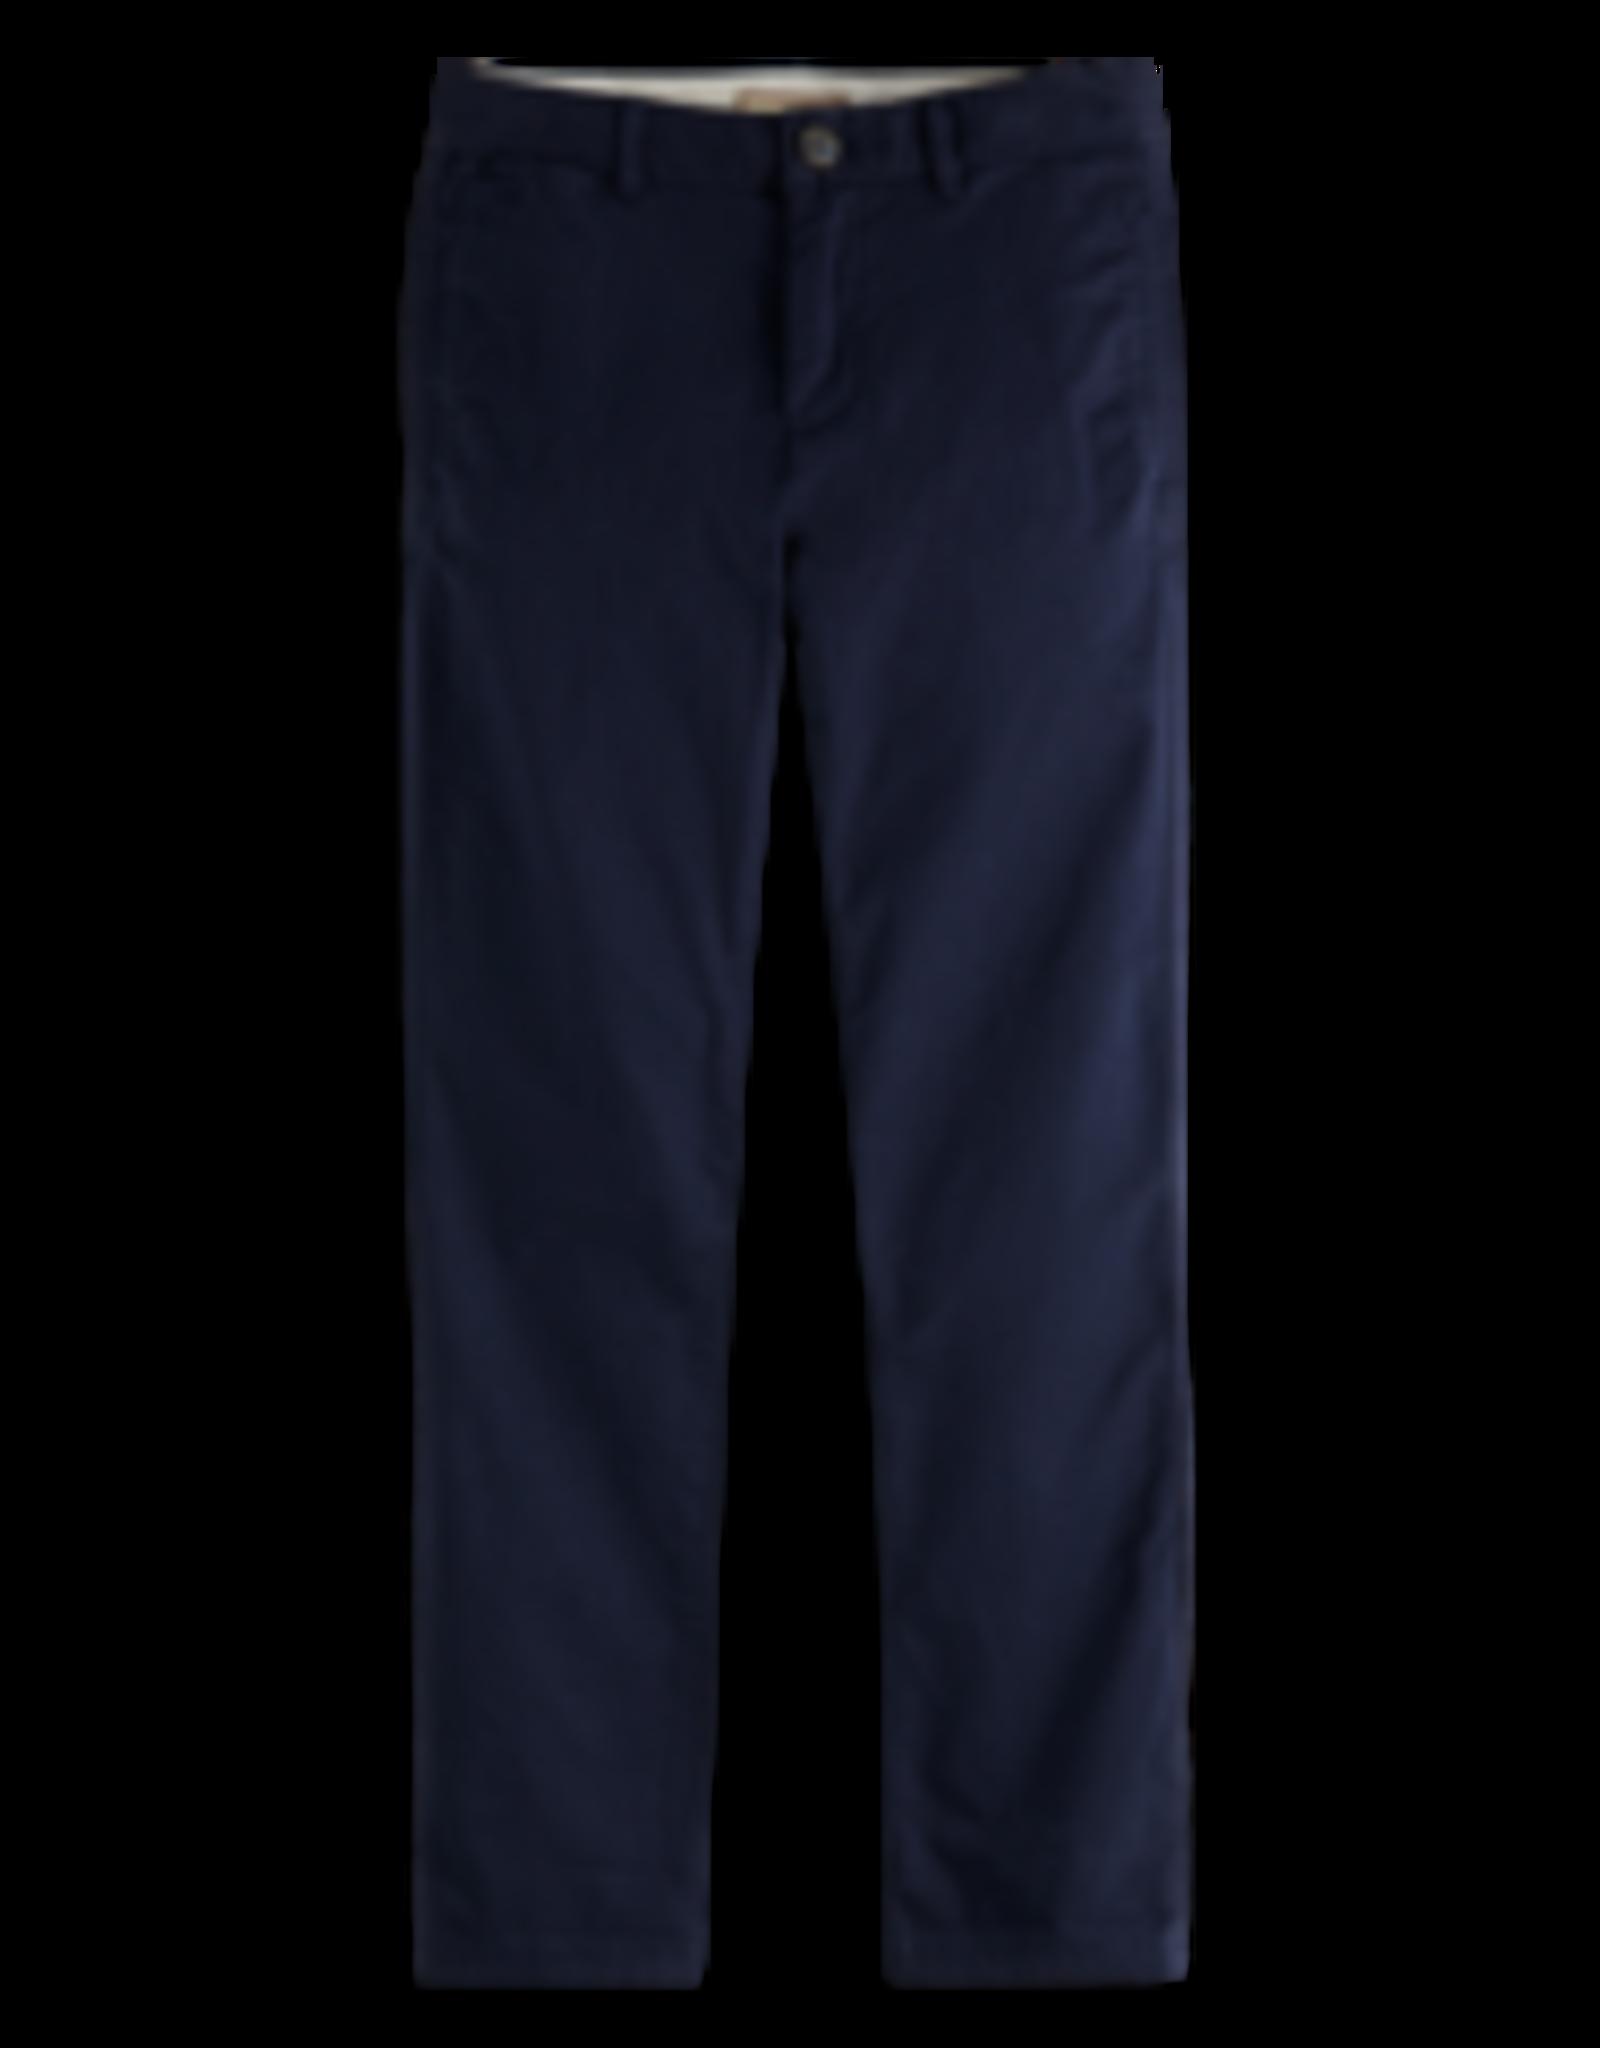 SCOTCH & SODA SCOTCH & SODA Pants bleu